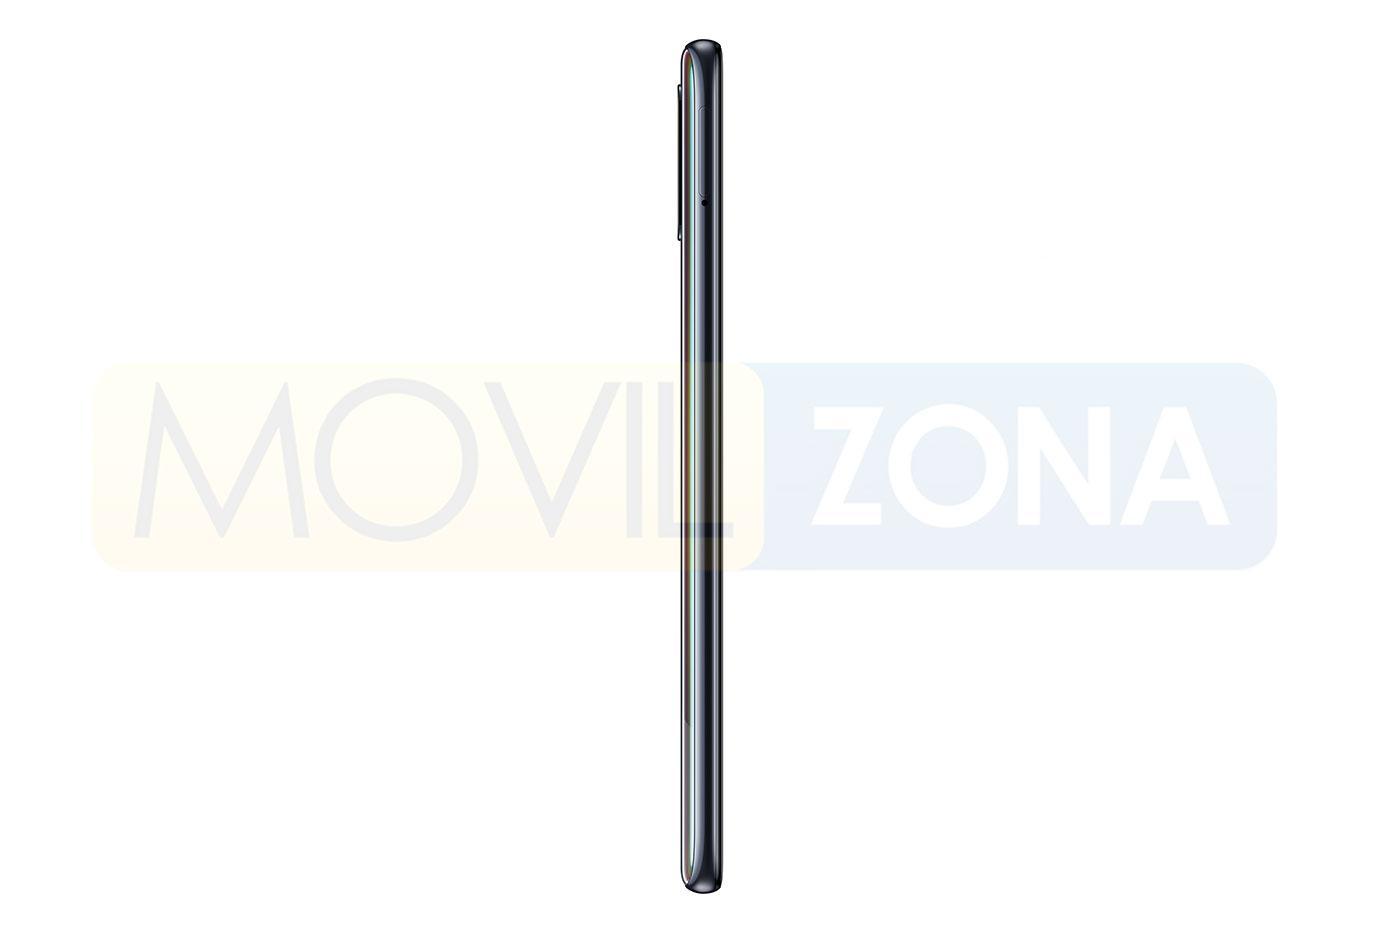 Samsung Galaxy A51 botones de volumen